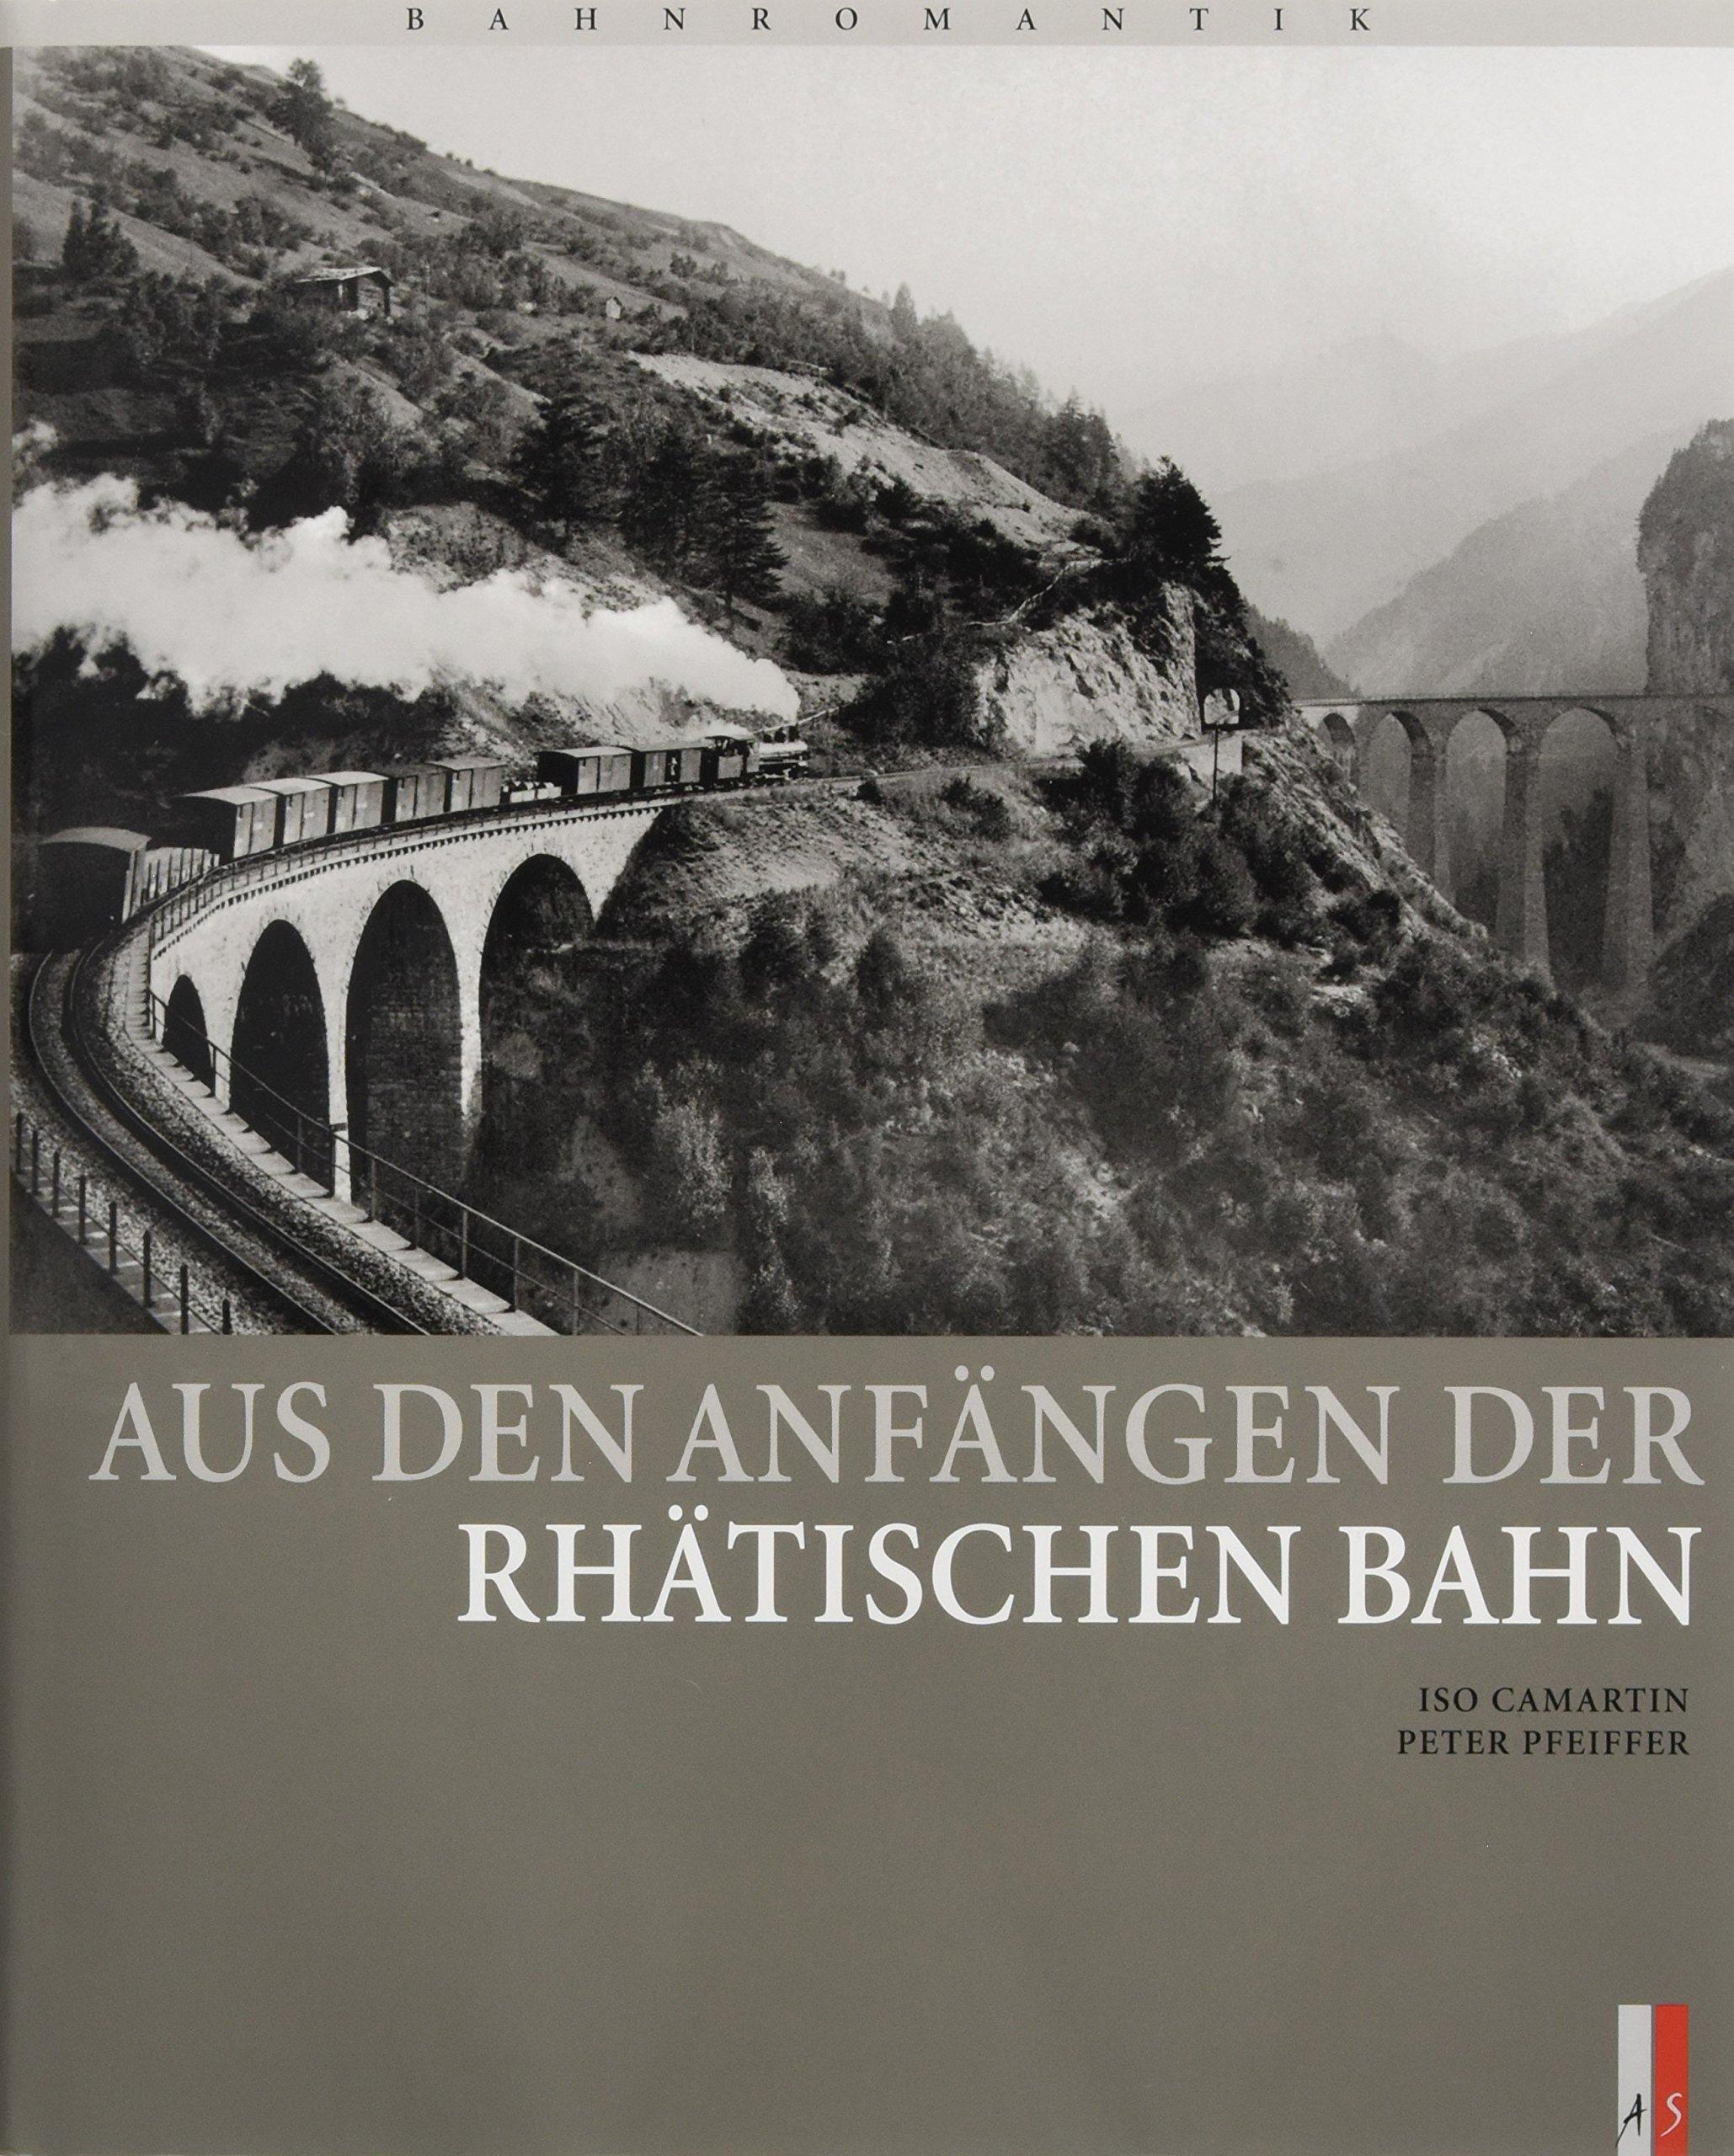 aus-den-anfngen-der-rhtischen-bahn-bahnromantik